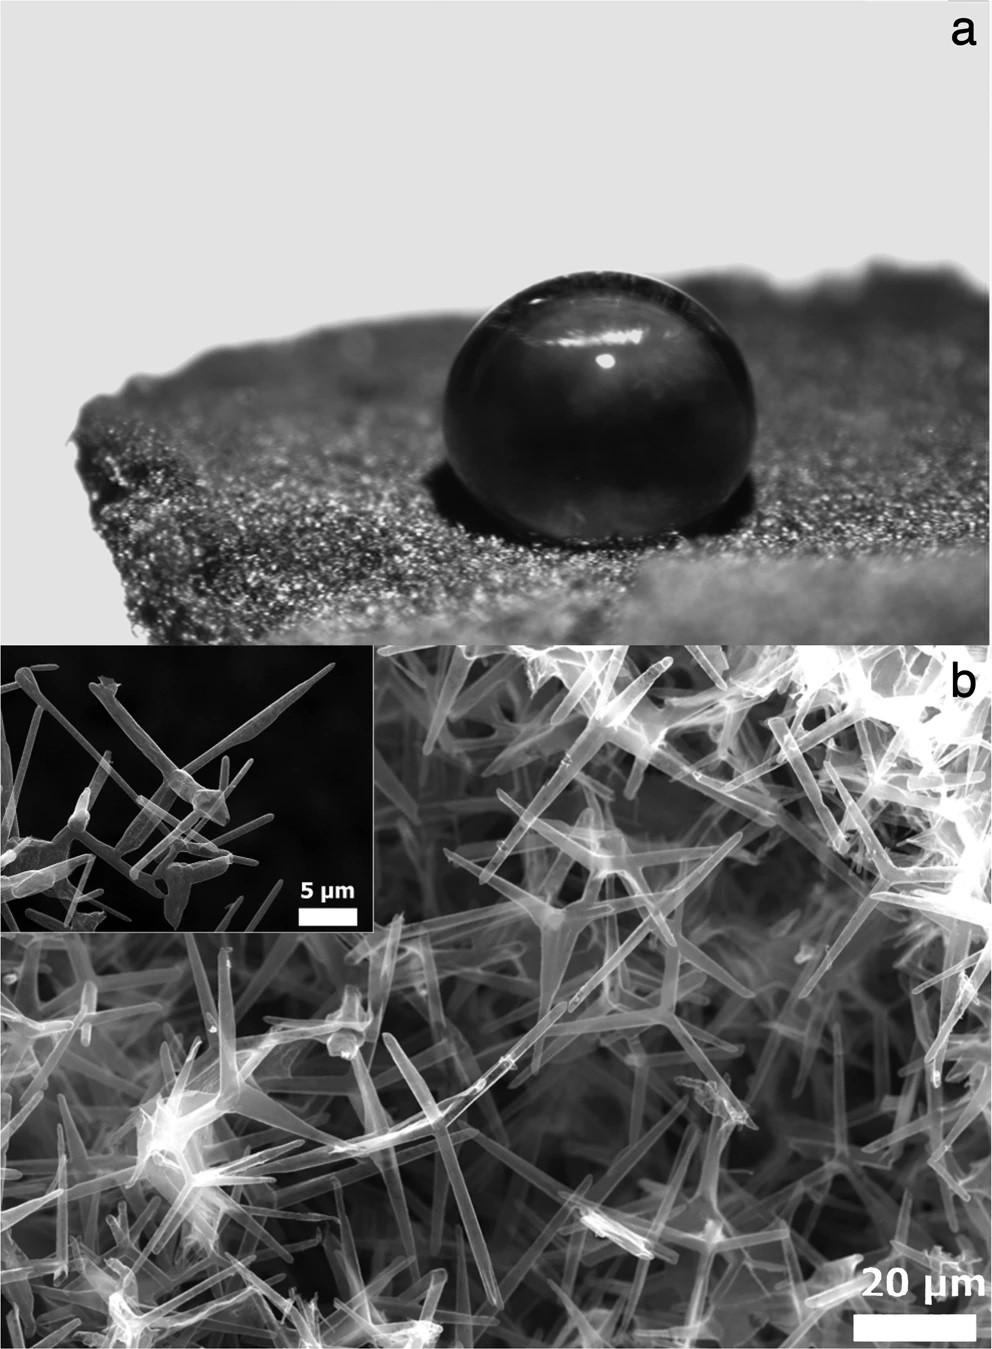 エアログラフェンエアロゲルの形態。(a)、疎水性エアログラフェンエアロゲル上にキャストされた水滴の画像。(b)、Aerographeneエアロゲル表面の代表的なSEM顕微鏡写真。挿入図、カーボンテトラポッドの詳細。(Scientific Reports より)